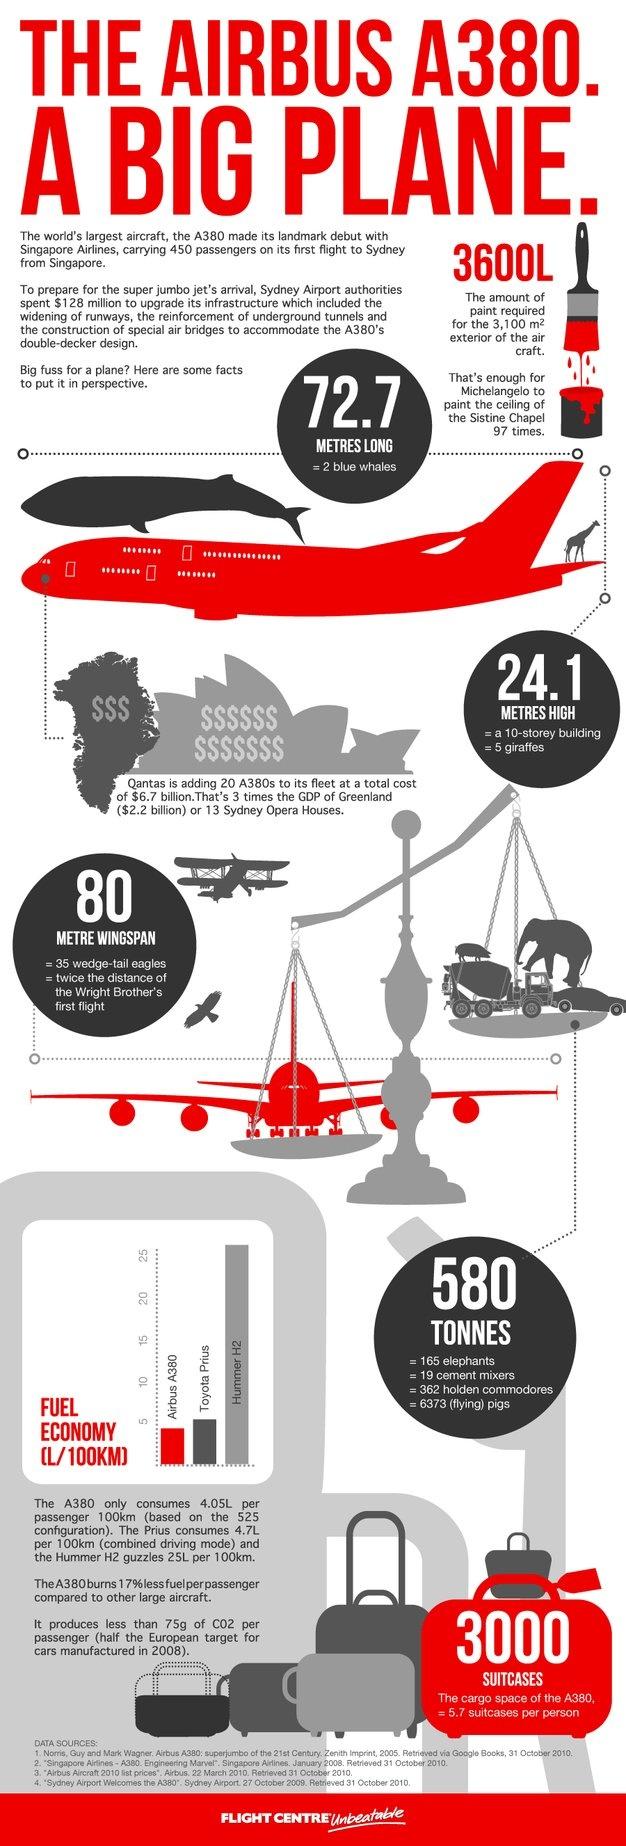 世界一大きな飛行機「エアバス」のことがよくわかるインフォグラフィック                                                                                                                                                      もっと見る